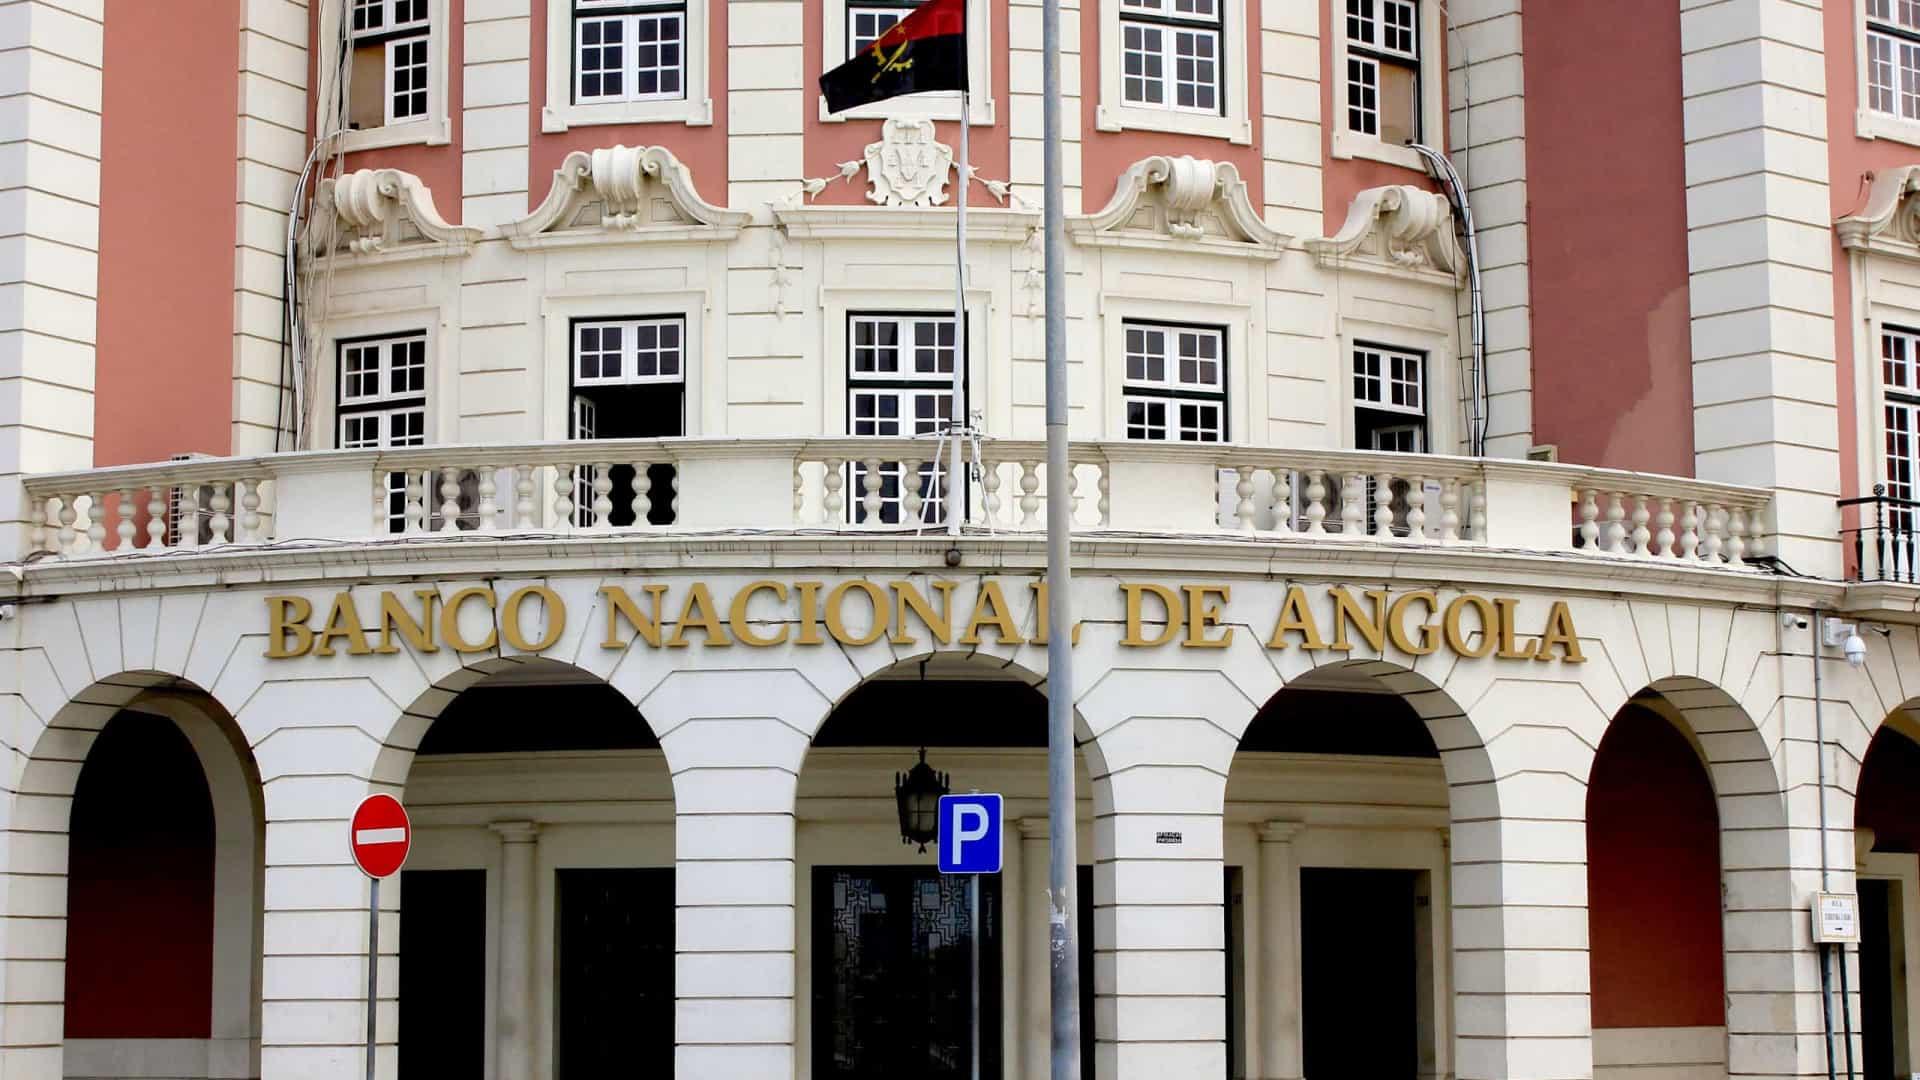 Banco Nacional de Angola Revoga Licença de sete Entidade Financeiras